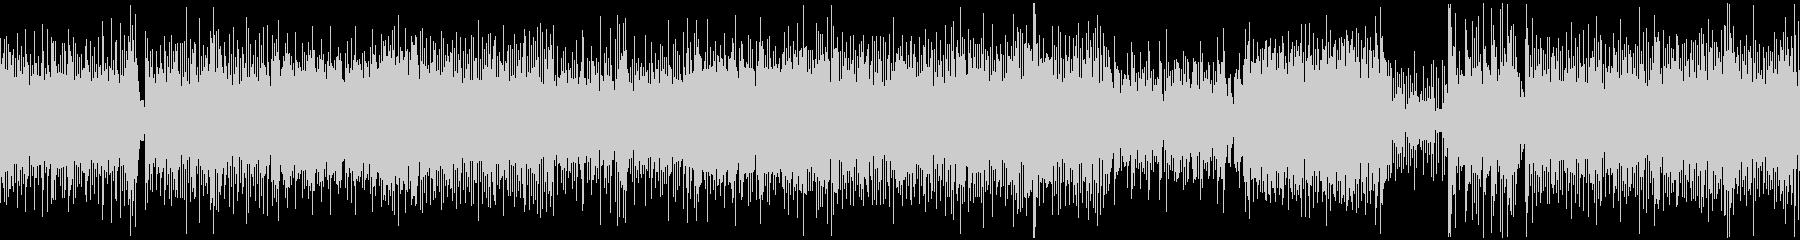 和風、三味線メタル2、激しい(声なし)dの未再生の波形